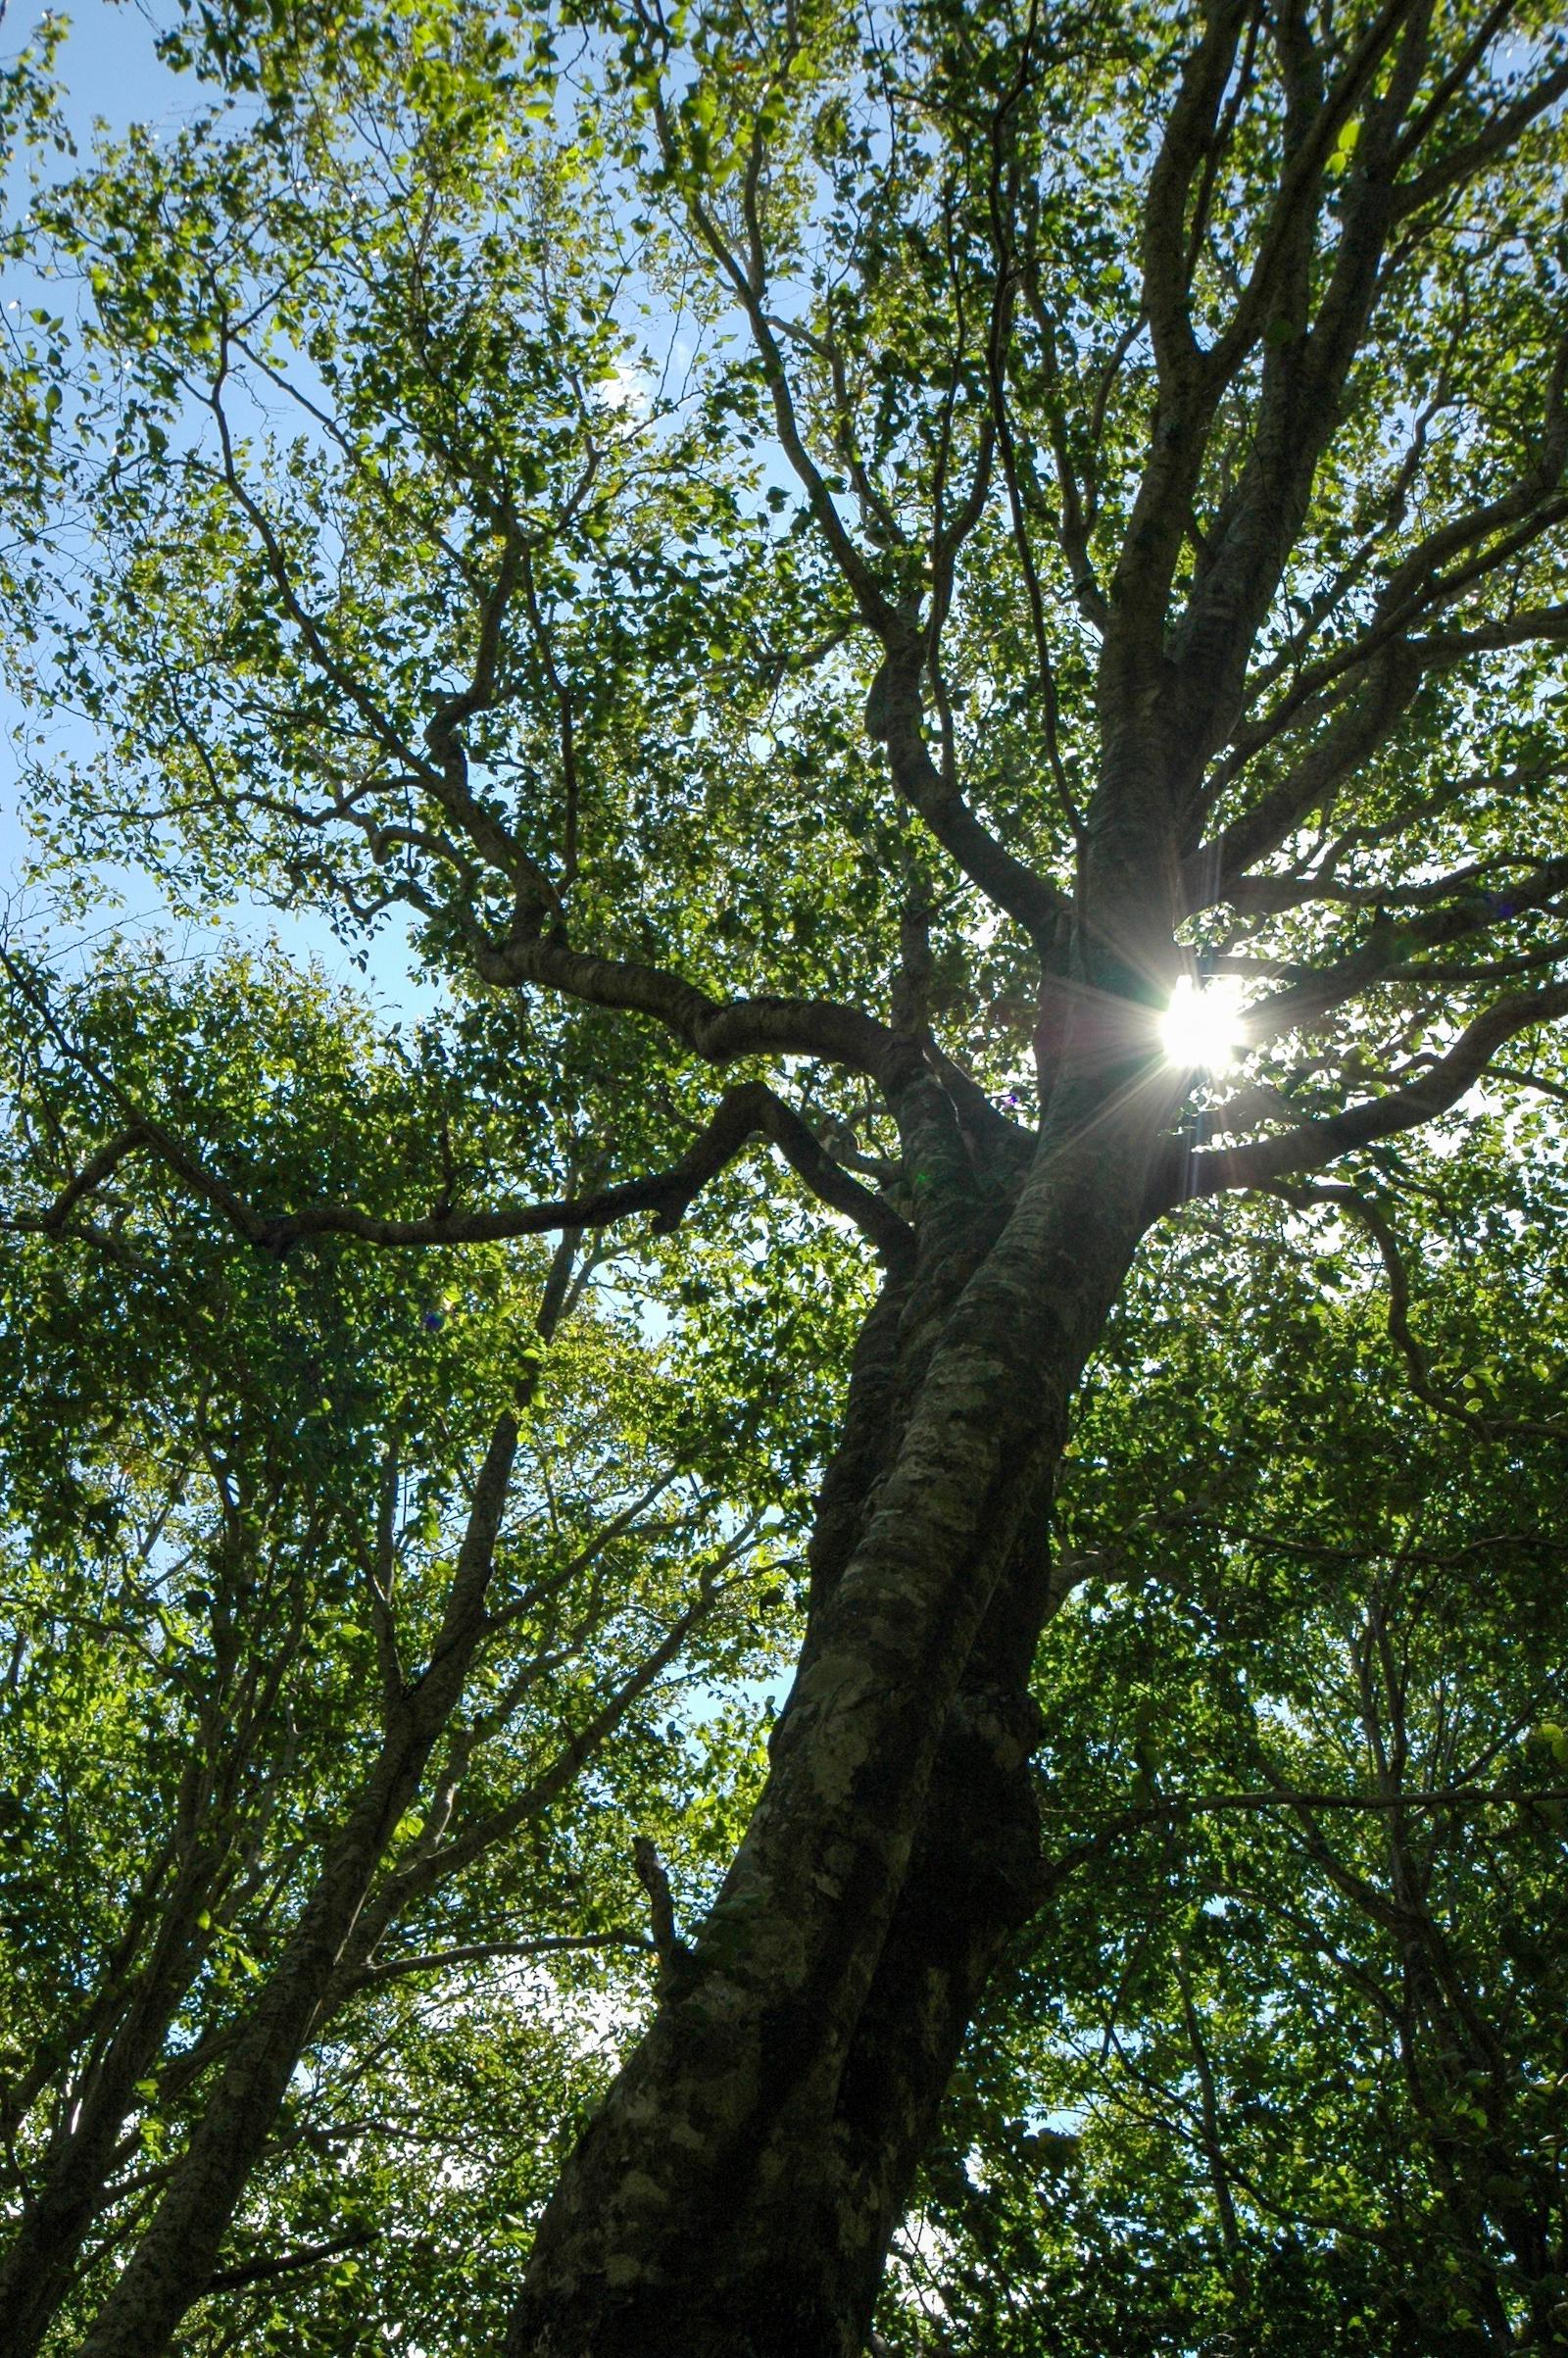 ブナの木漏れ日